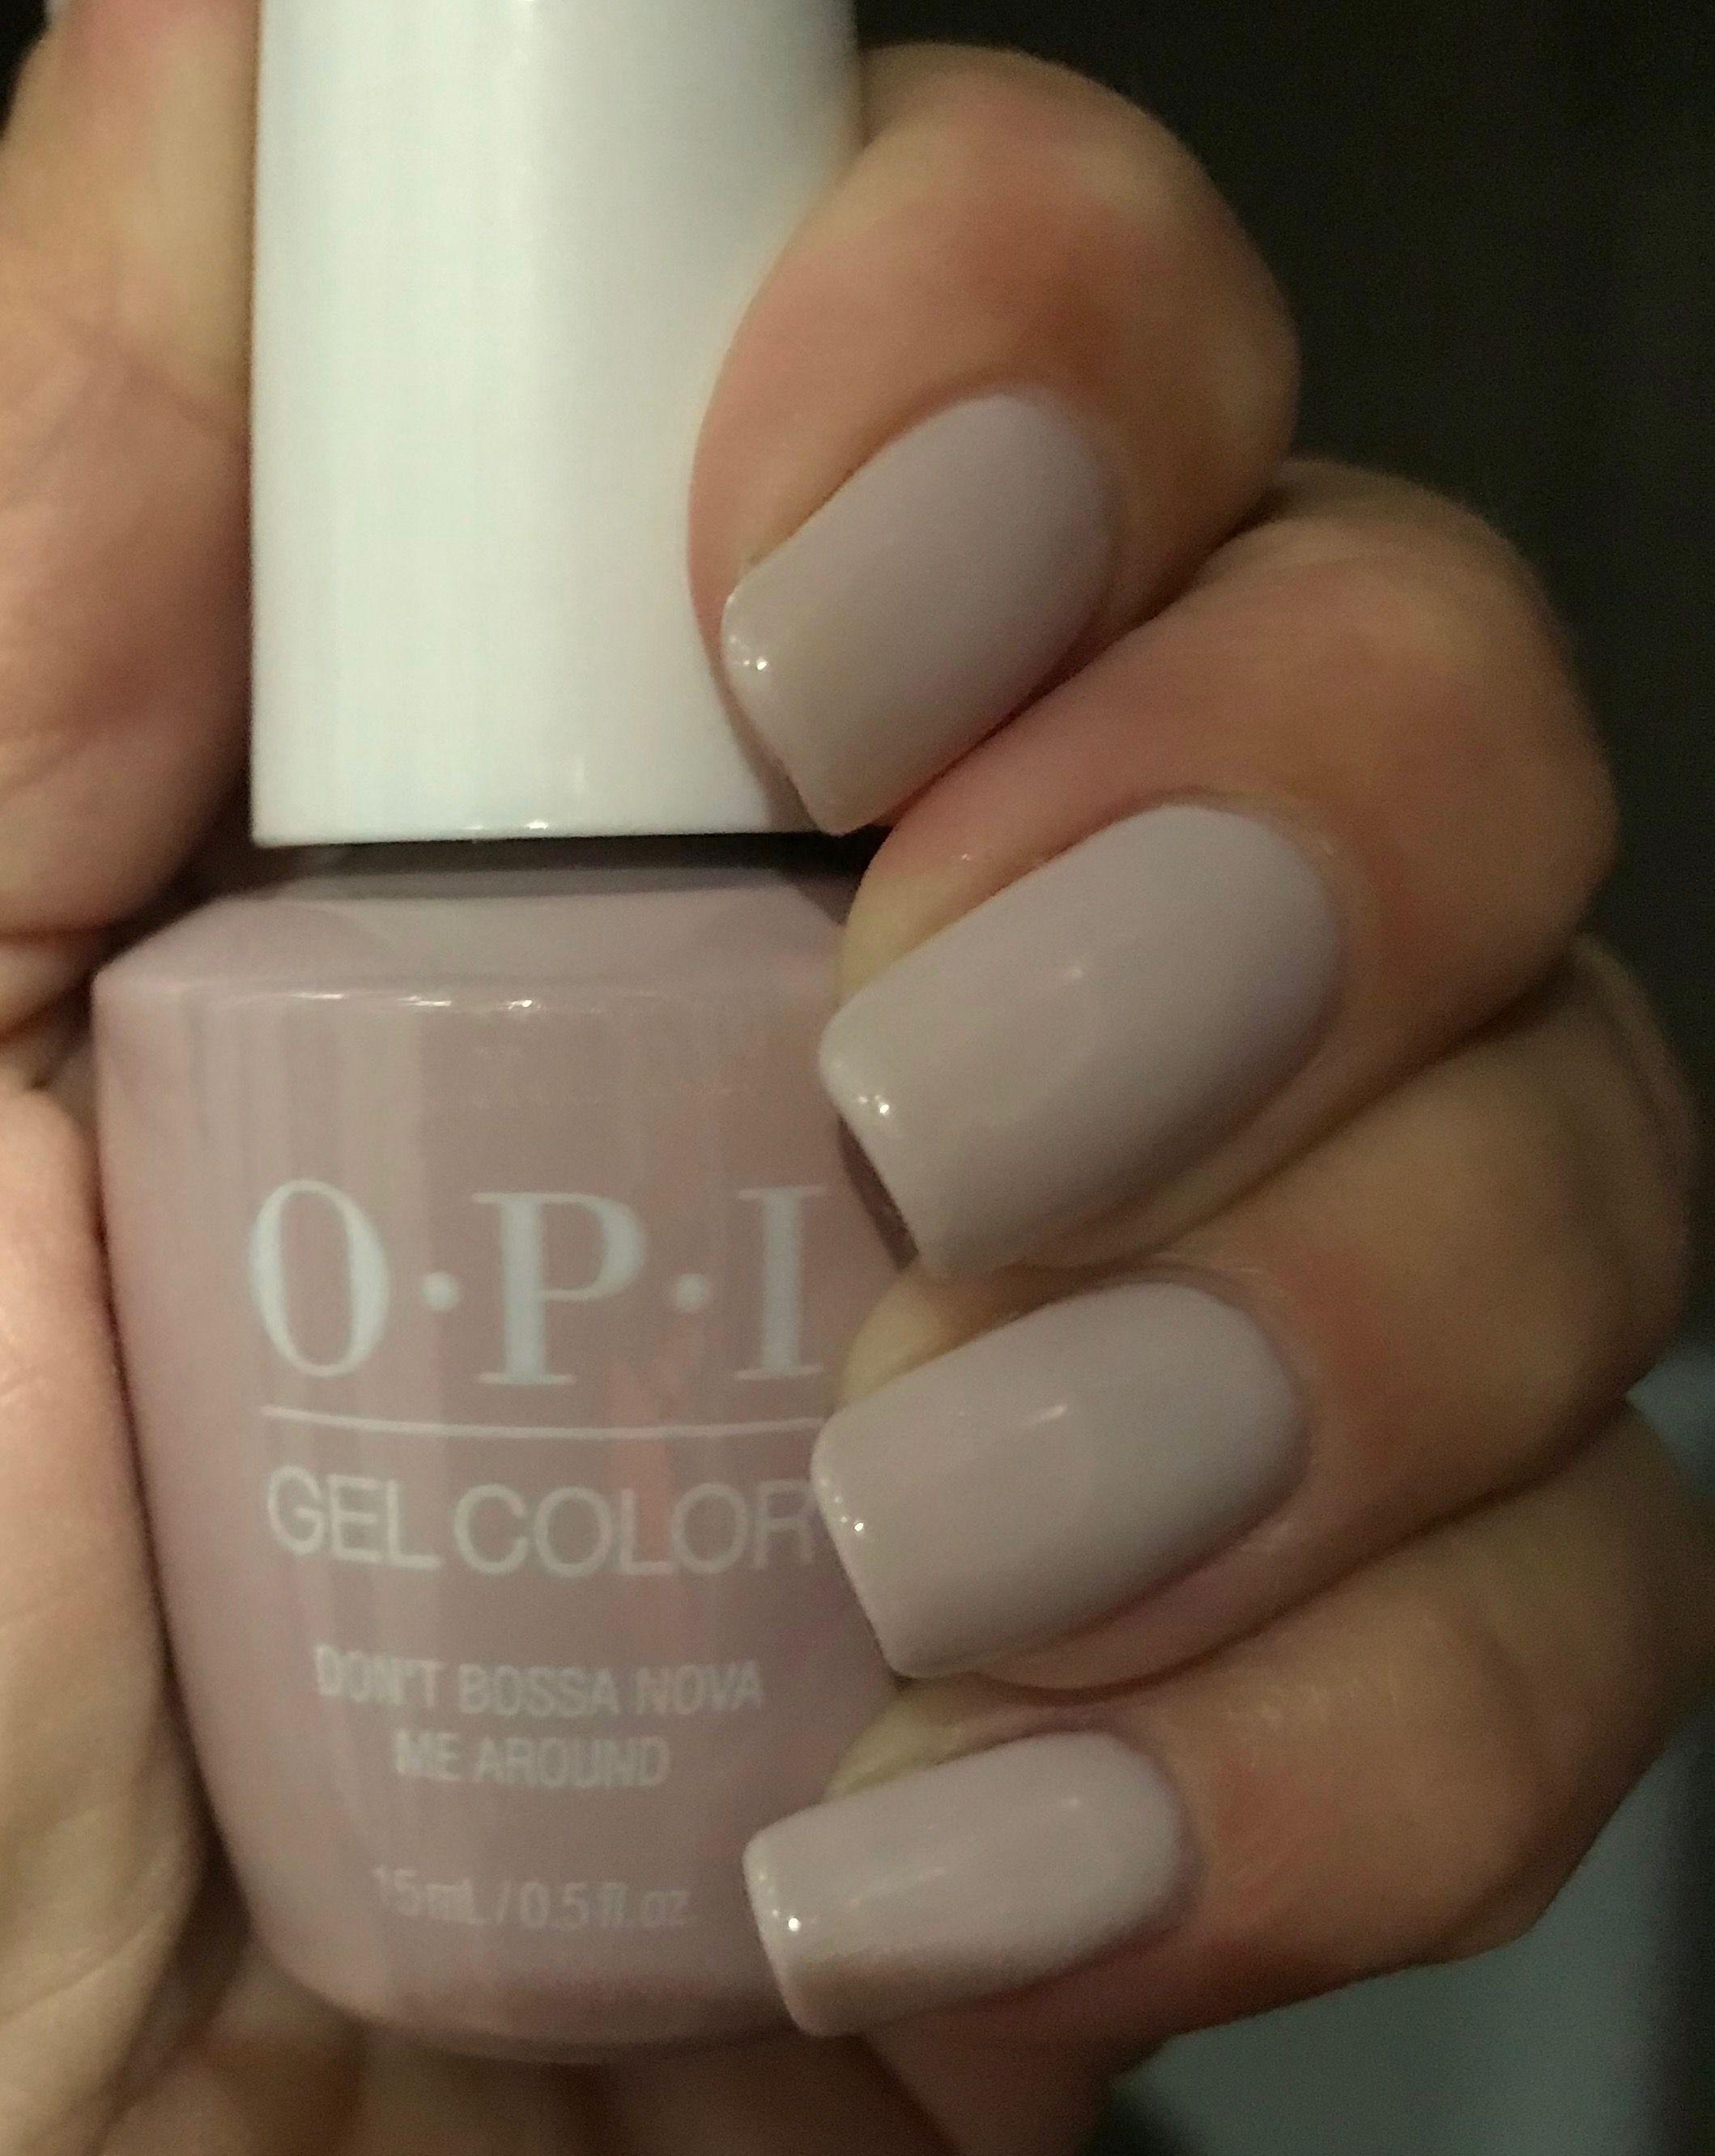 Opi Don T Bossa Nova Me Around 3 Coats Opi Gel Nails Nail Polish How To Do Nails